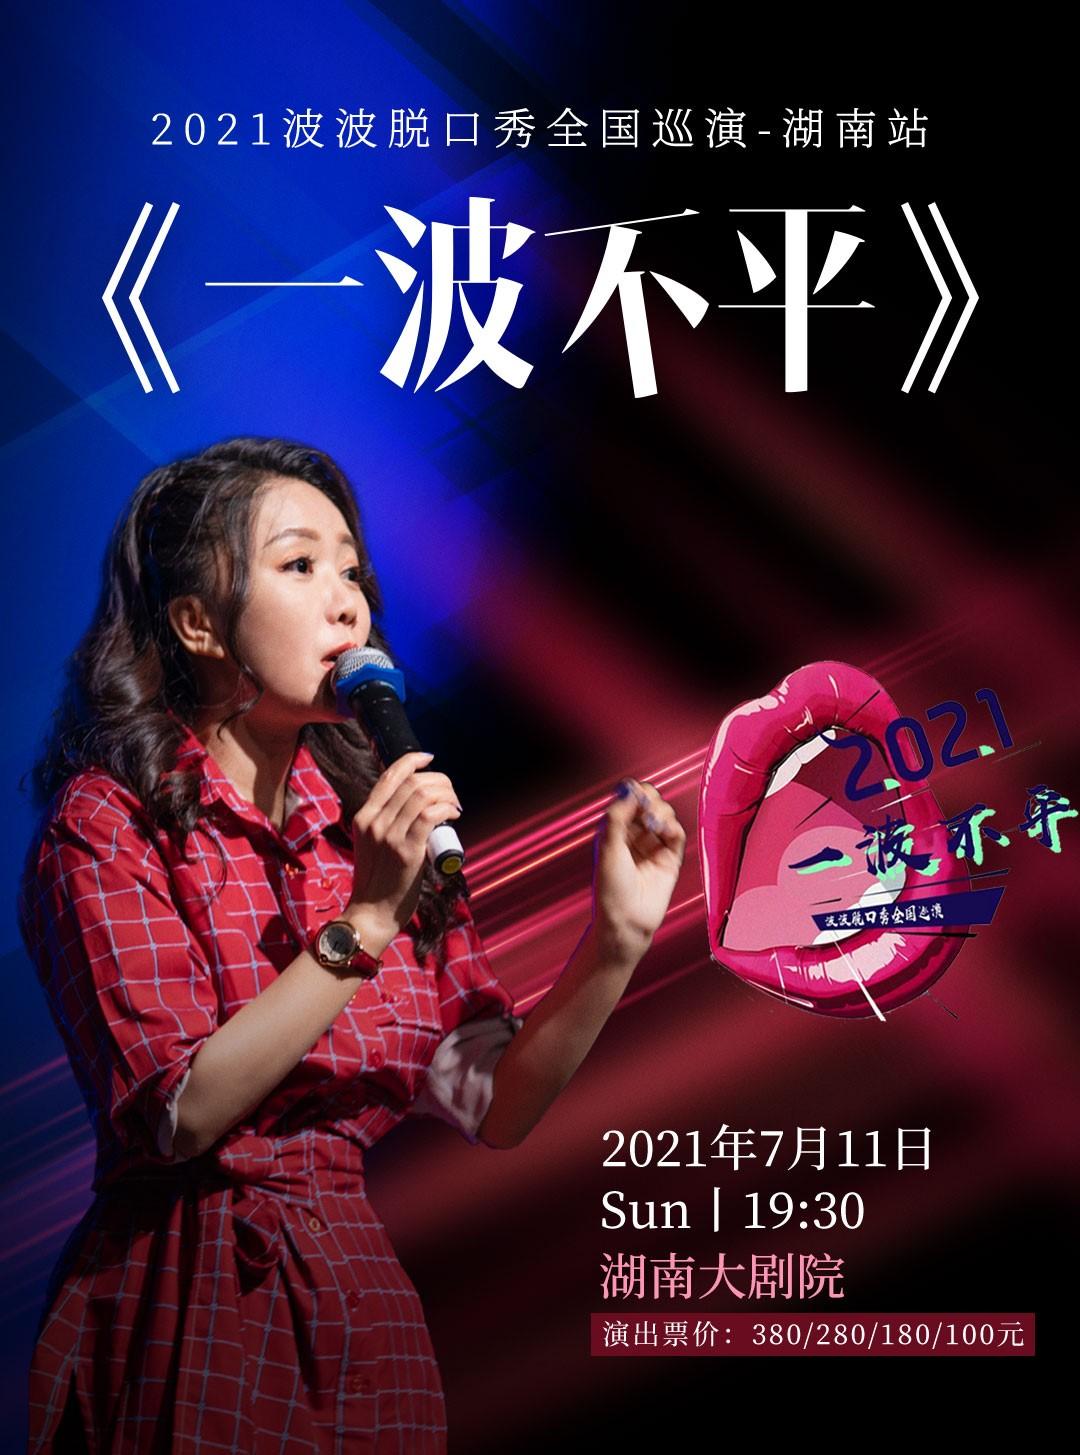 2021《一波不平》波波脱口秀全国巡演-长沙站